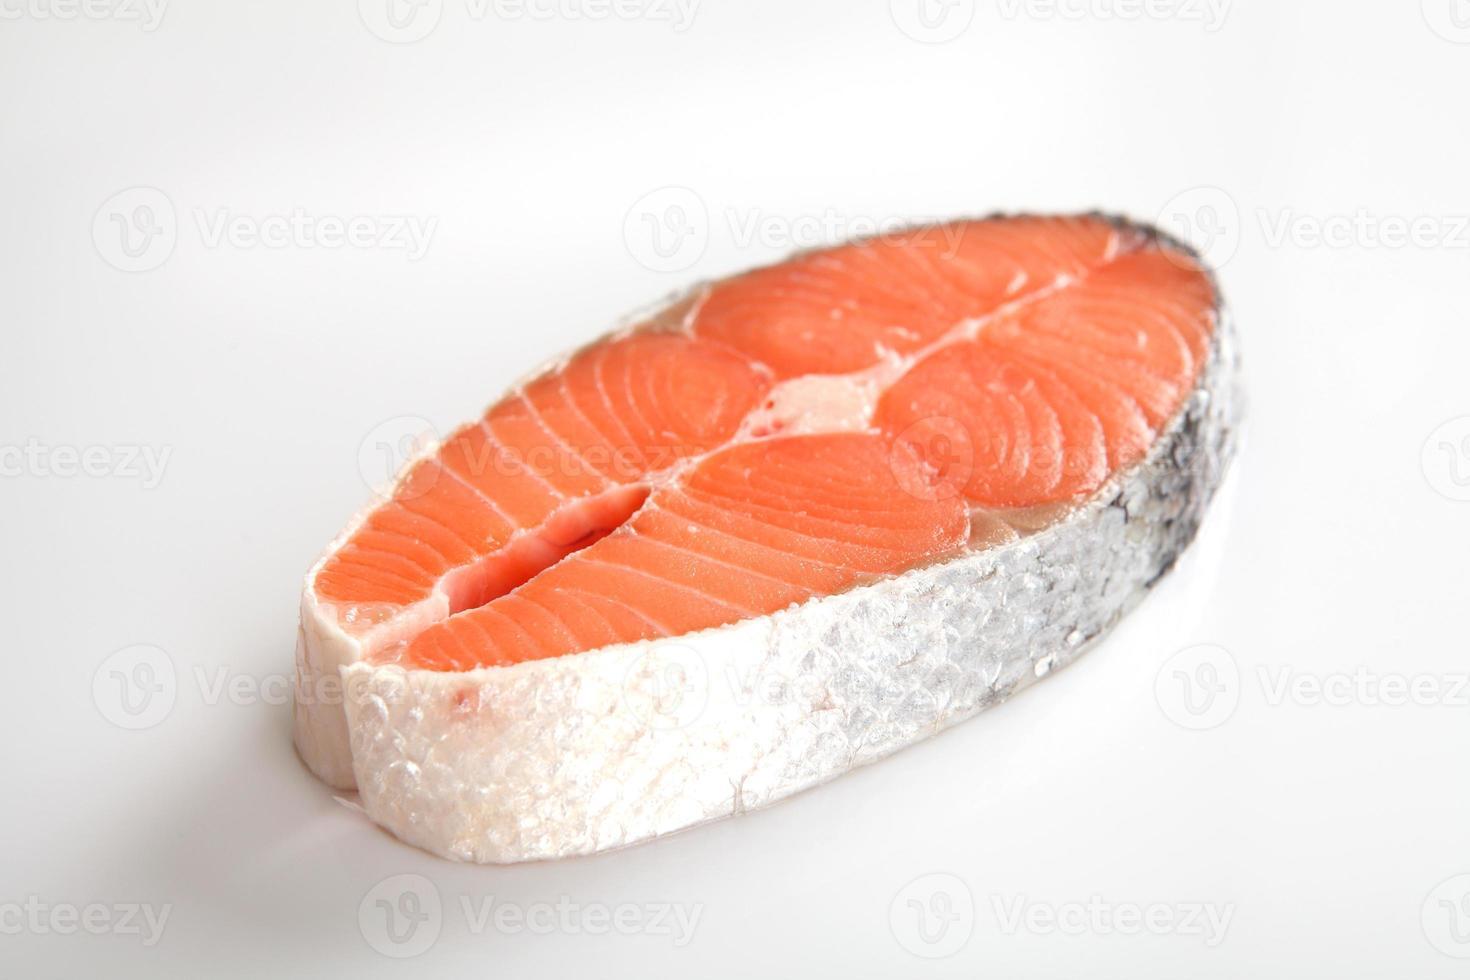 saumon cuit photo